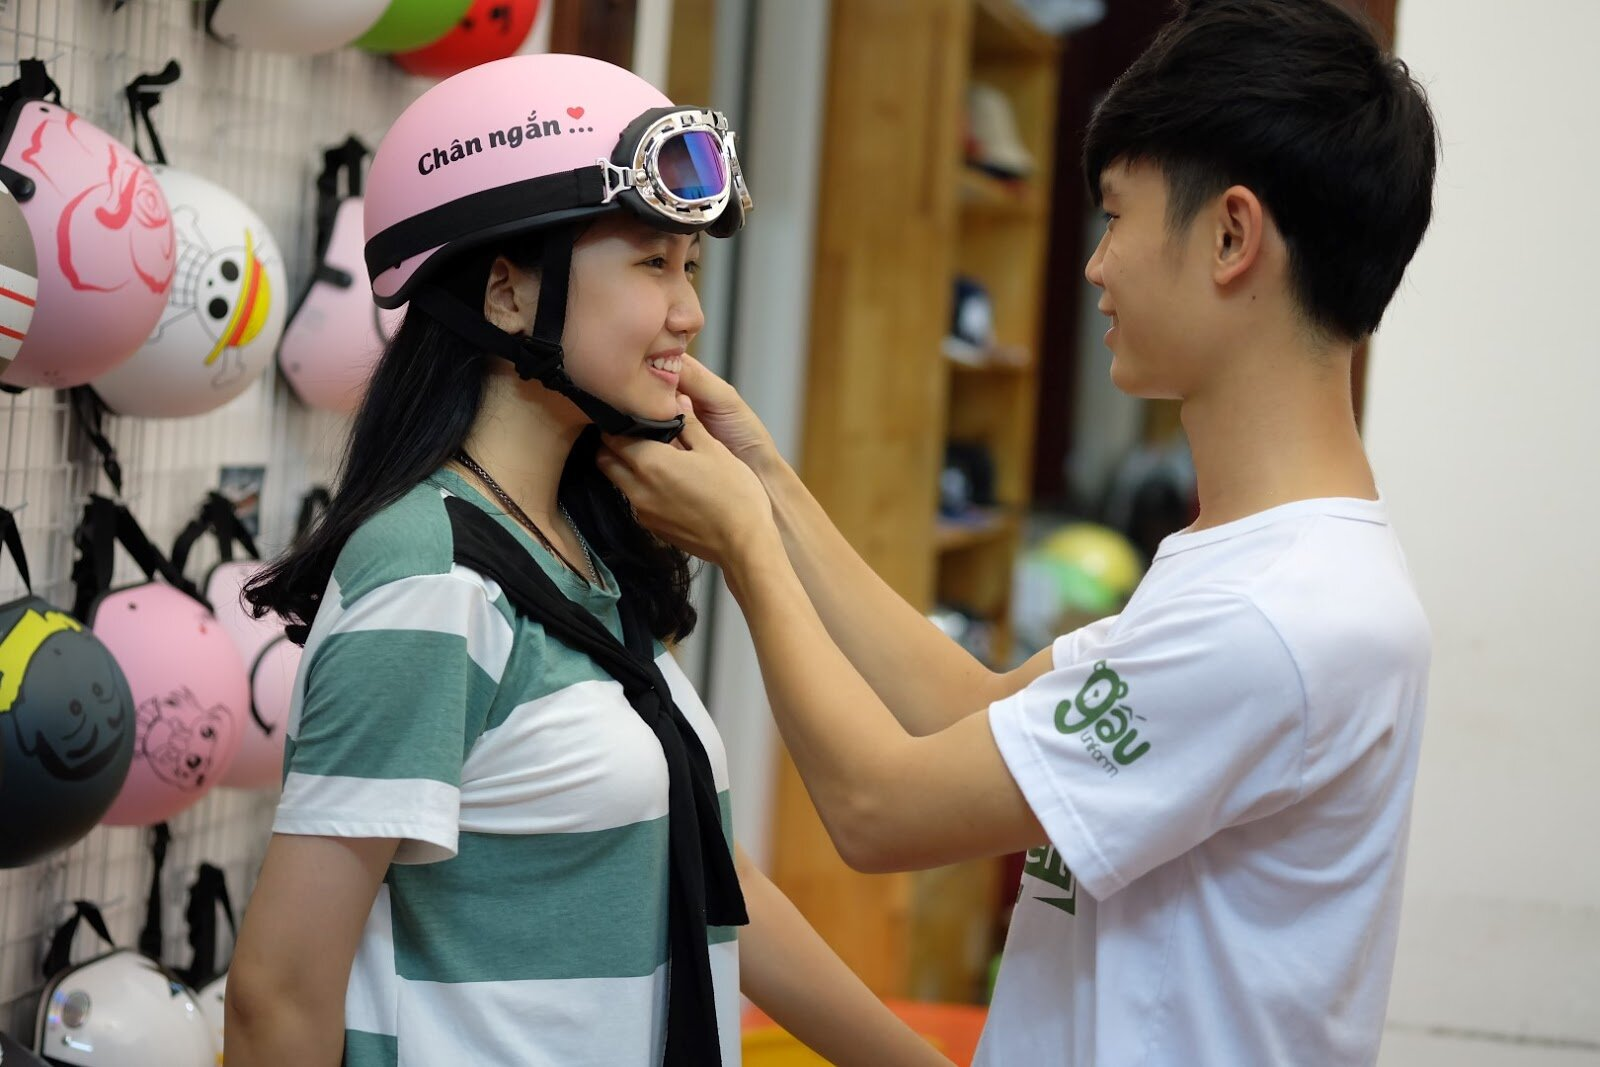 Để bảo vệ bản thân nên chọn mua Mũ bảo hiểm thời trang đạt chuẩn